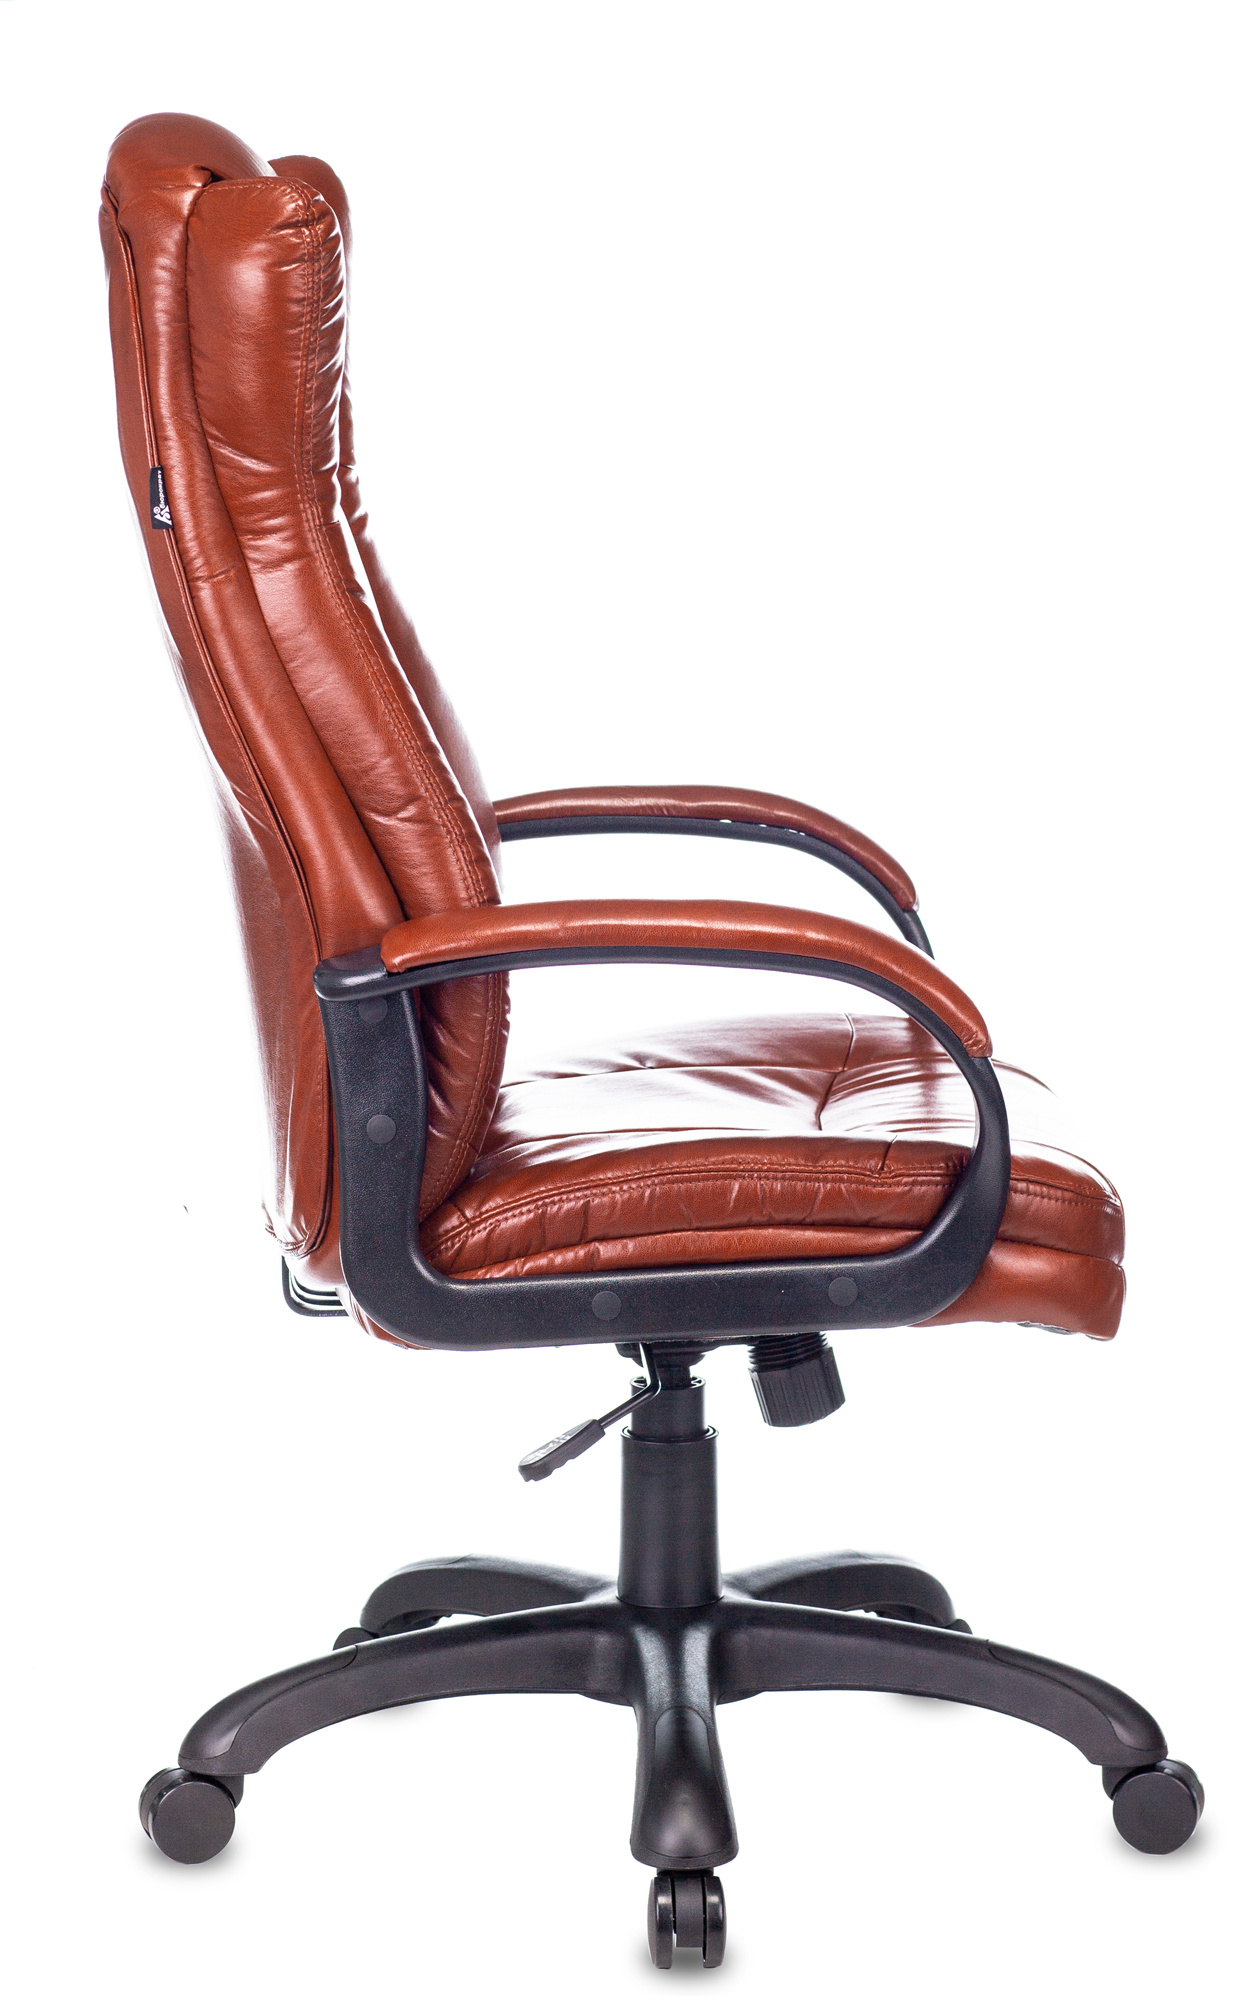 Кресло руководителя Бюрократ CH-879N коричневый Boroko-37 искусственная кожа крестовина пластик